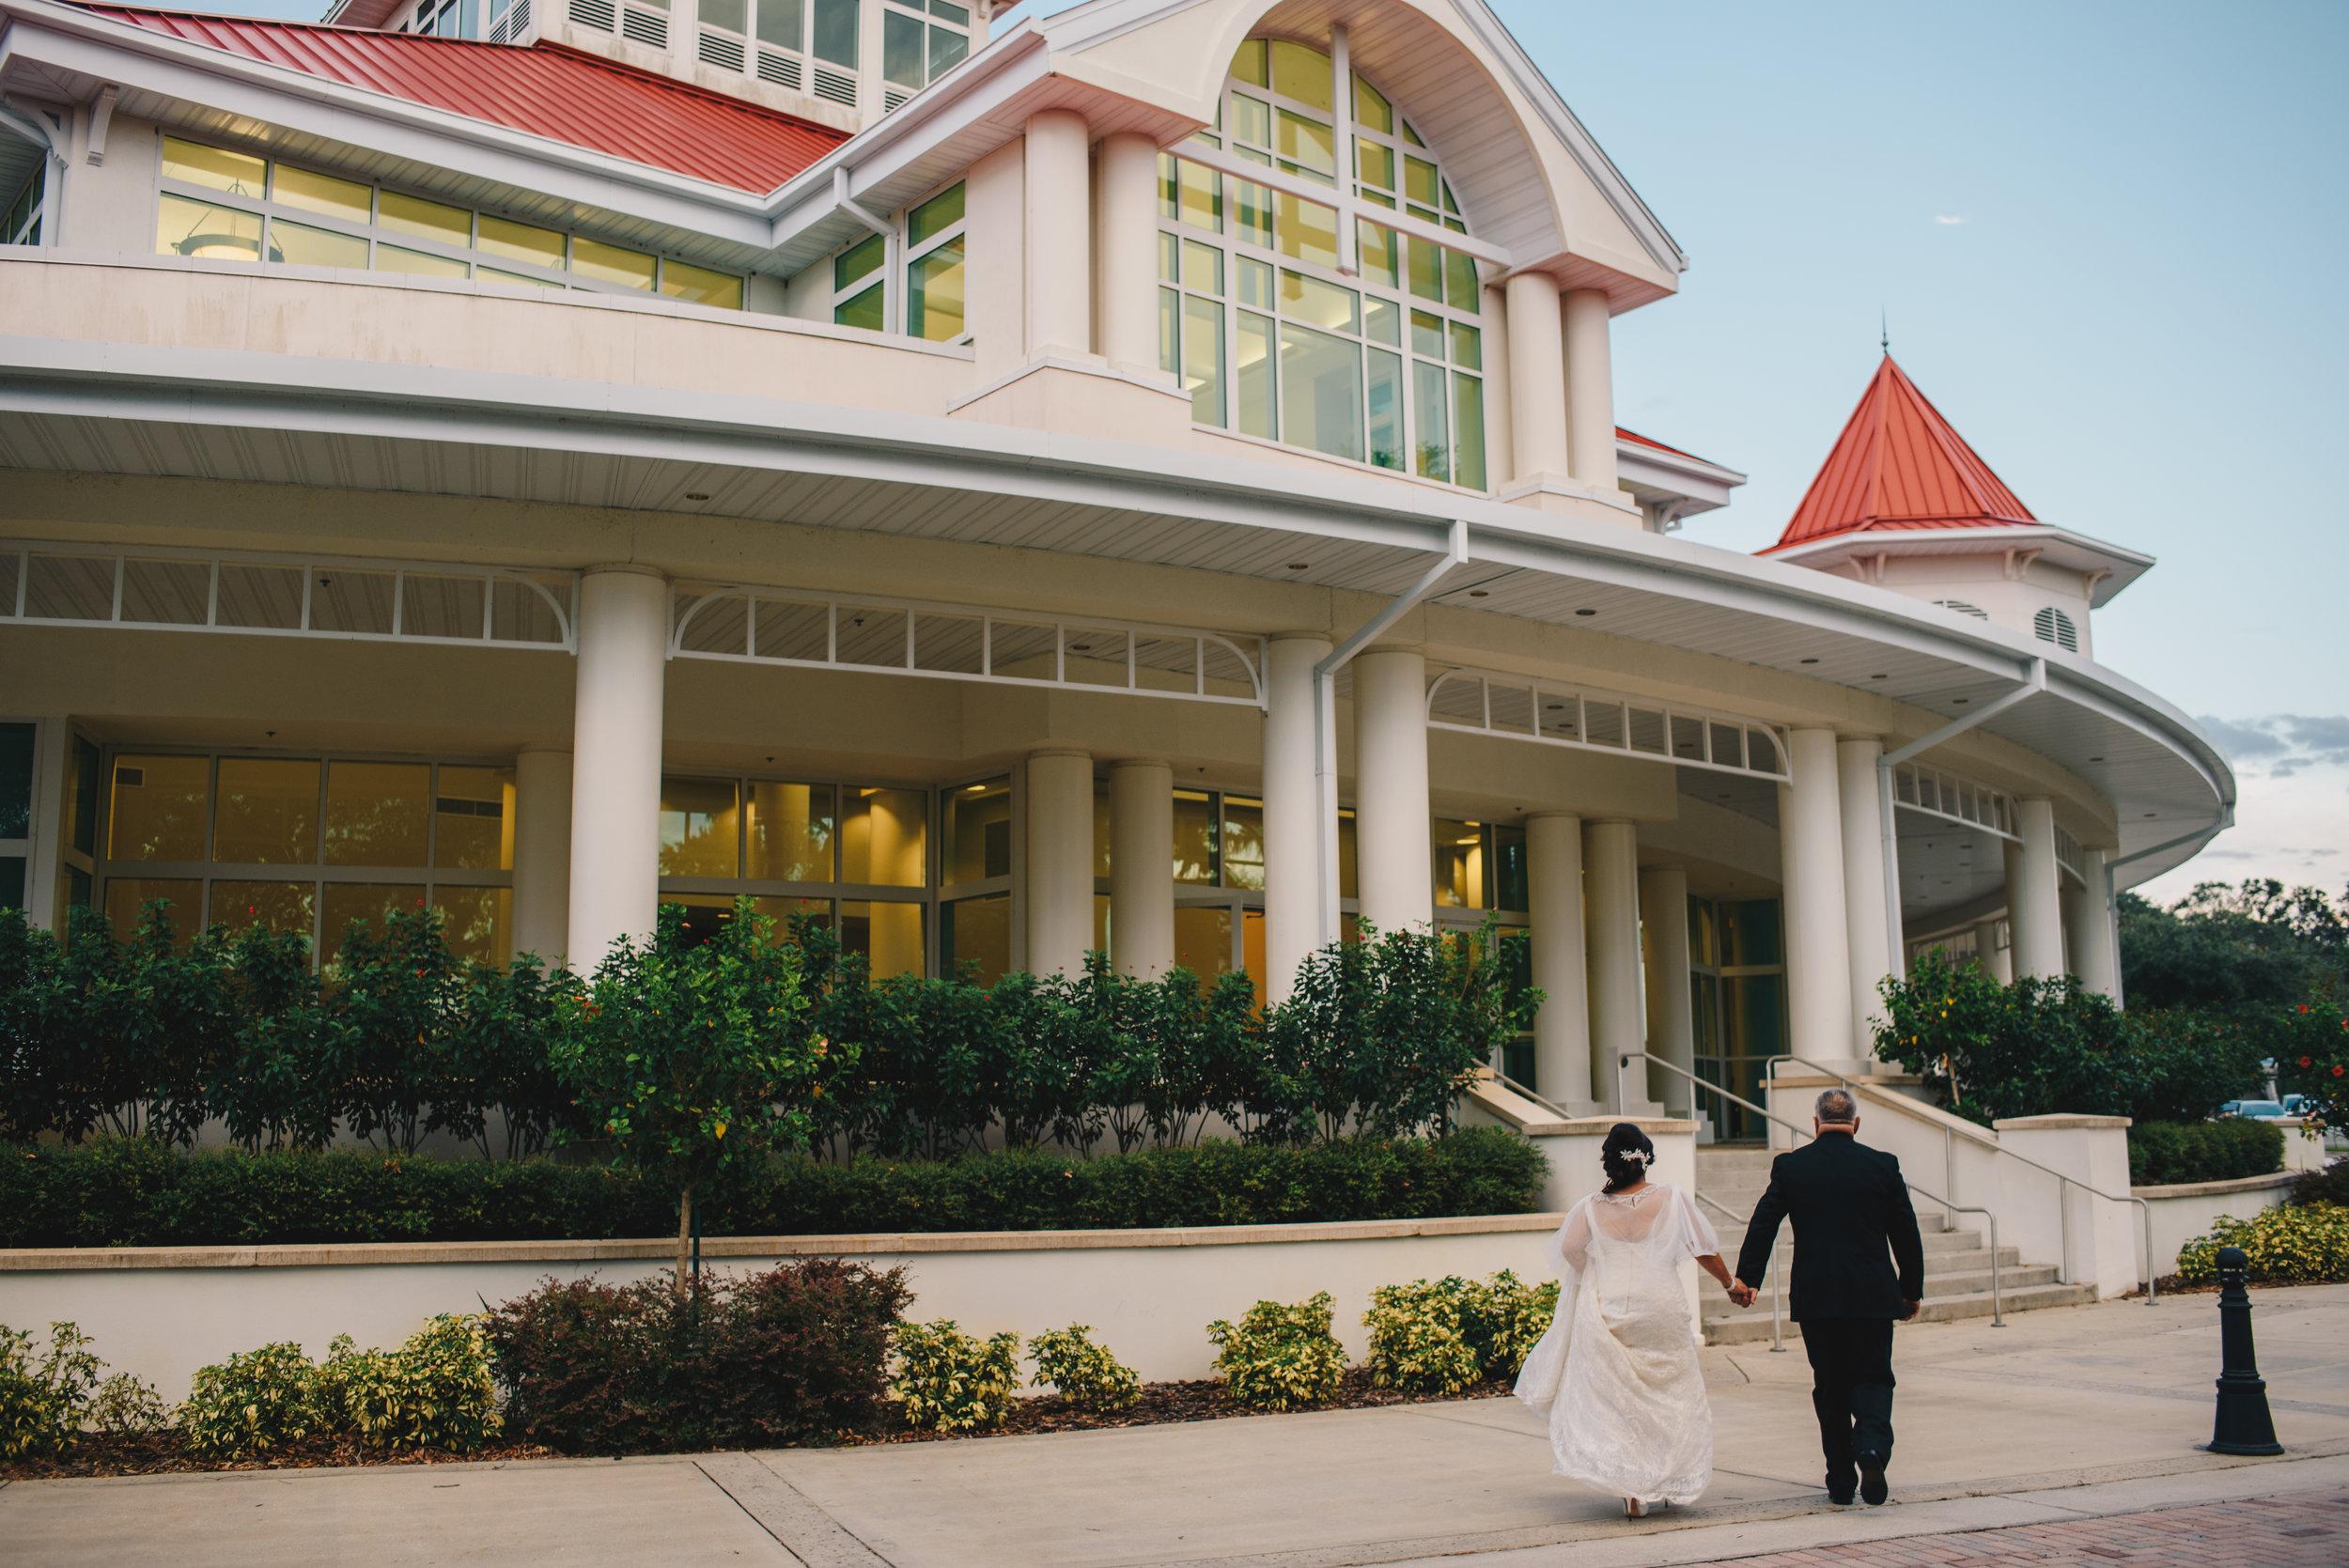 Los-Vargas-Photo-Wedding-Vow-Renewal-Central-Florida-173.jpg